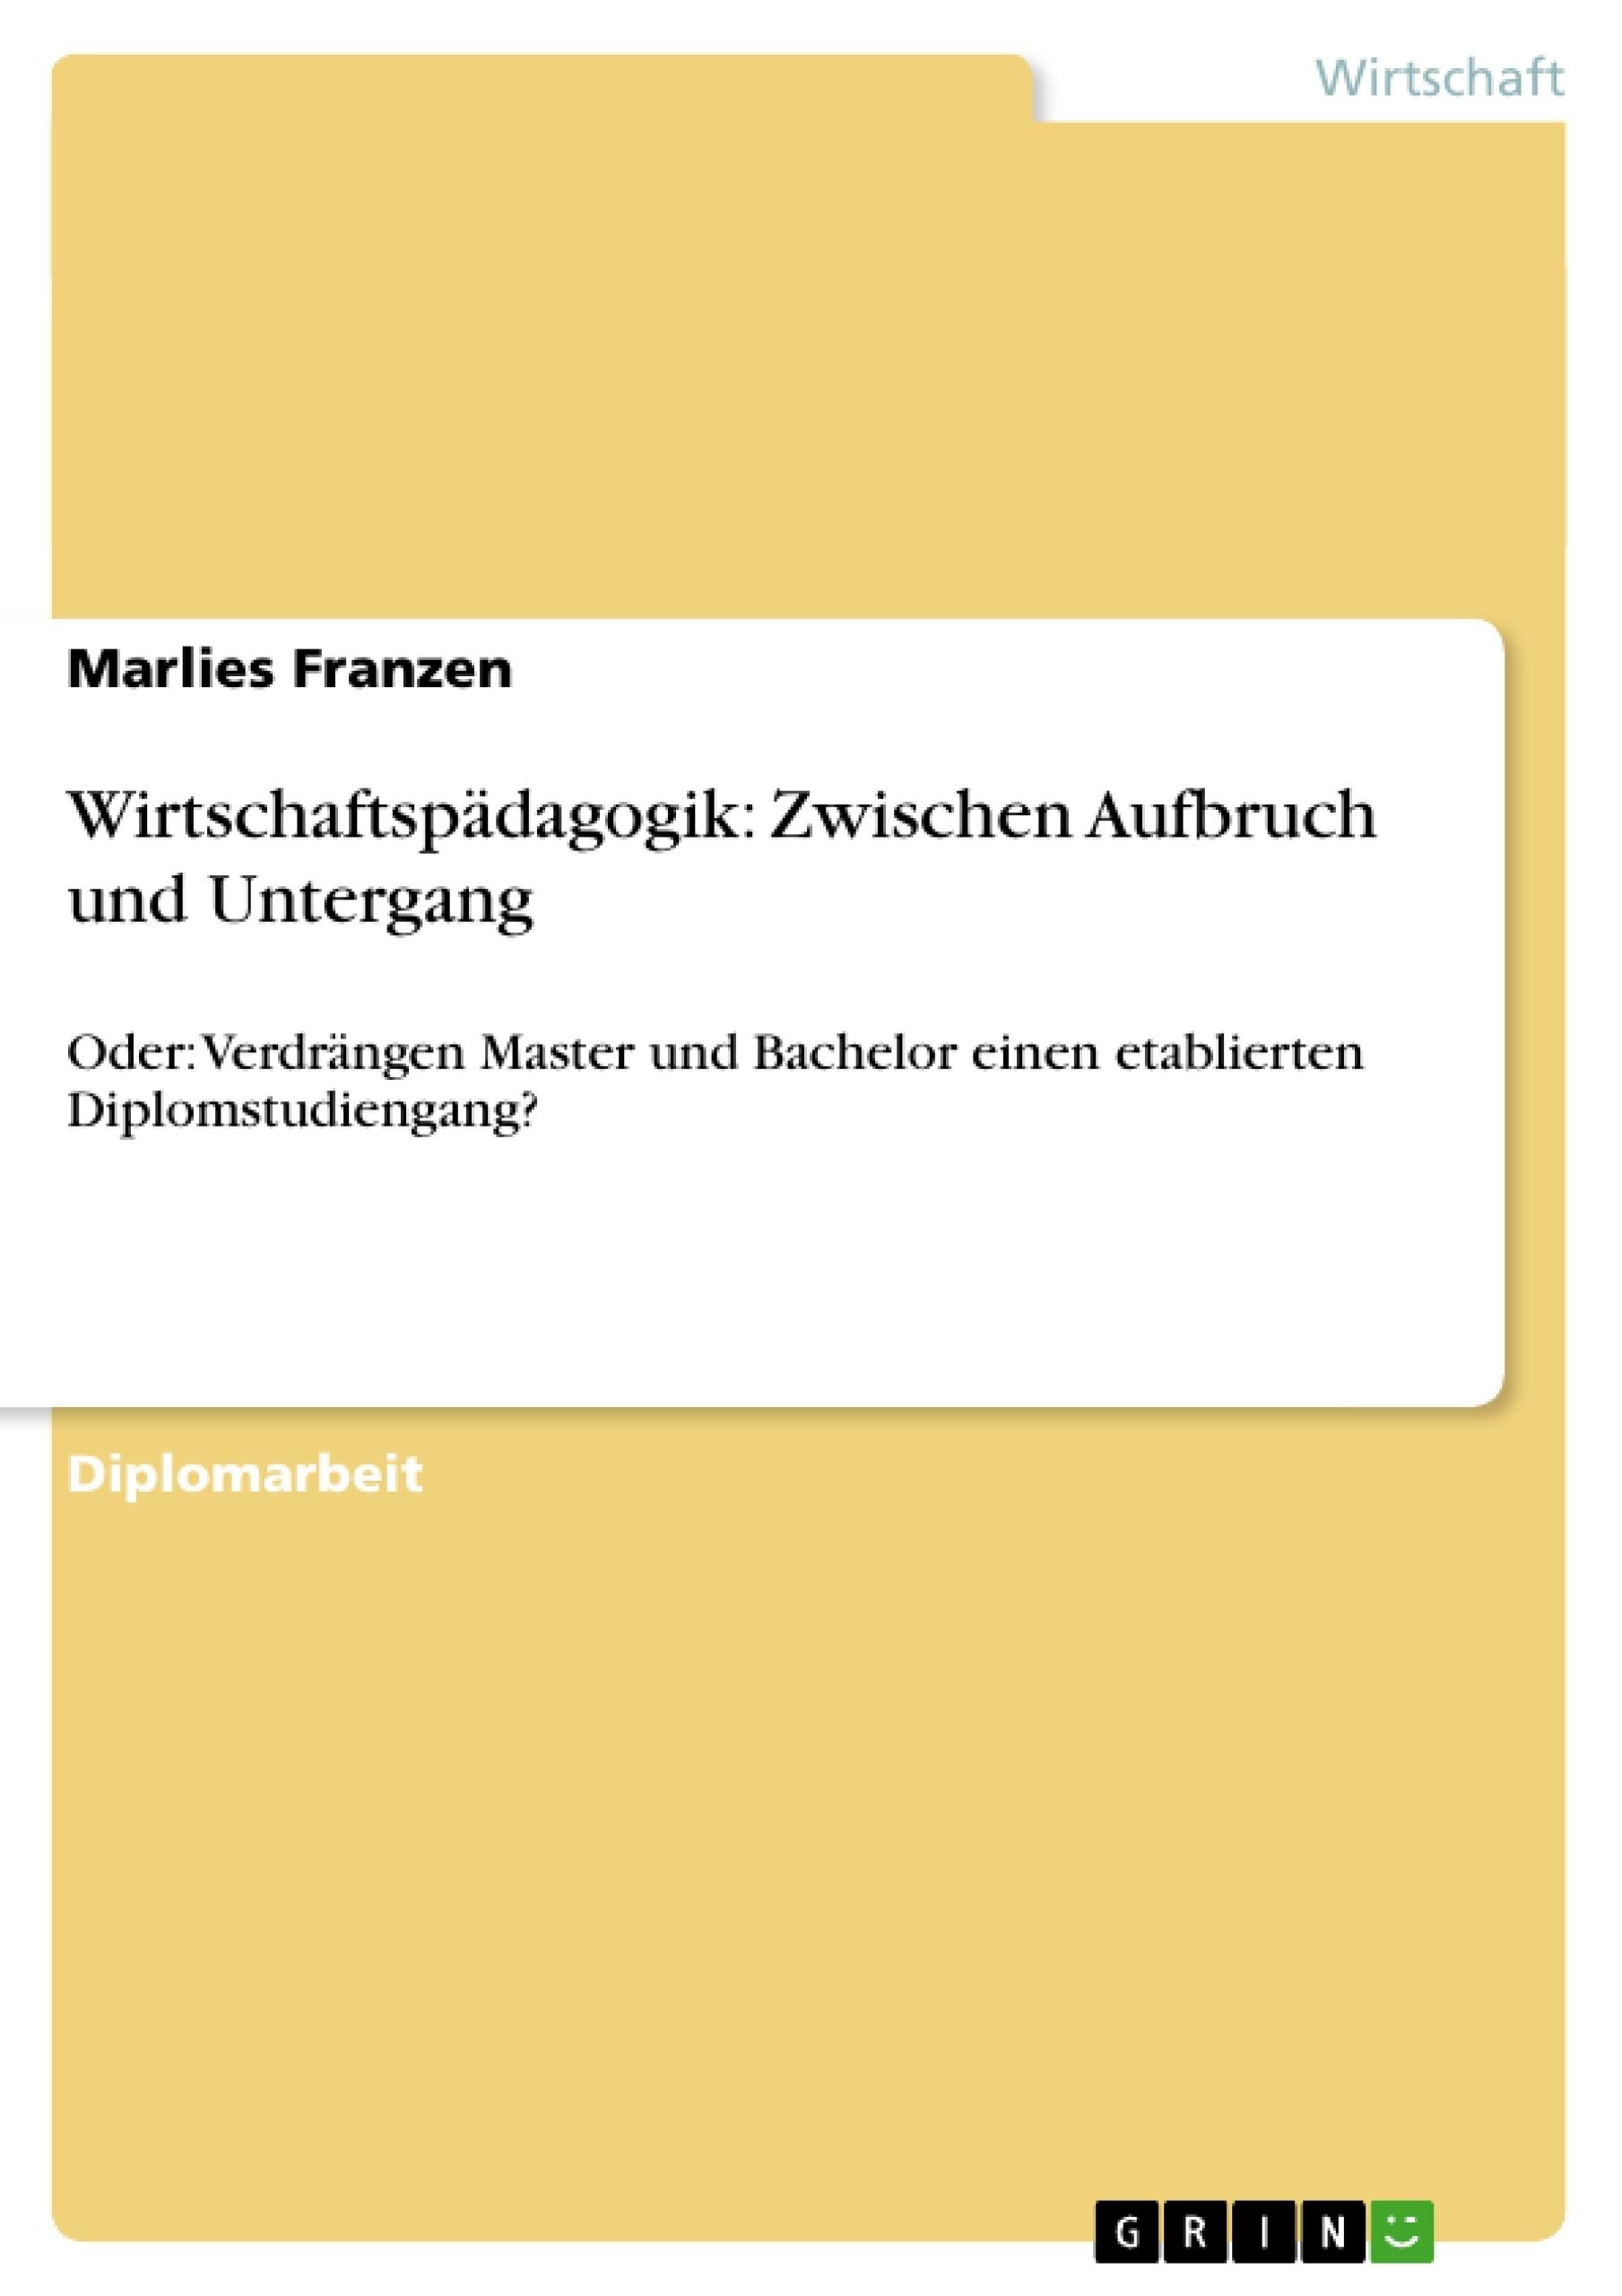 Titel: Wirtschaftspädagogik: Zwischen Aufbruch und Untergang